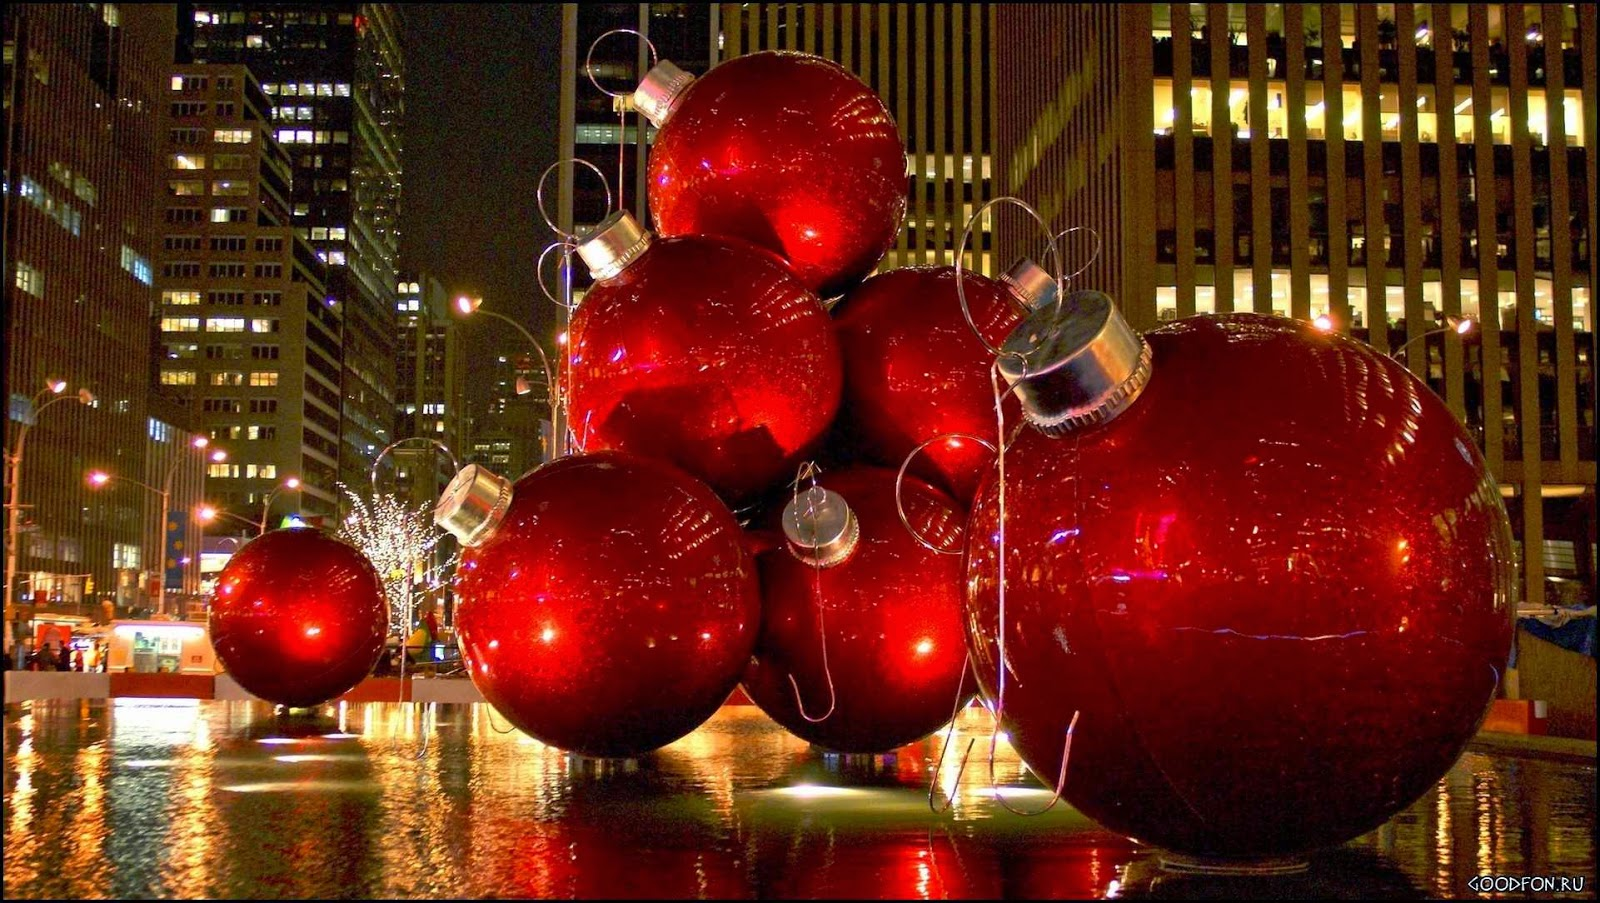 Adorables imágenes de Navidad